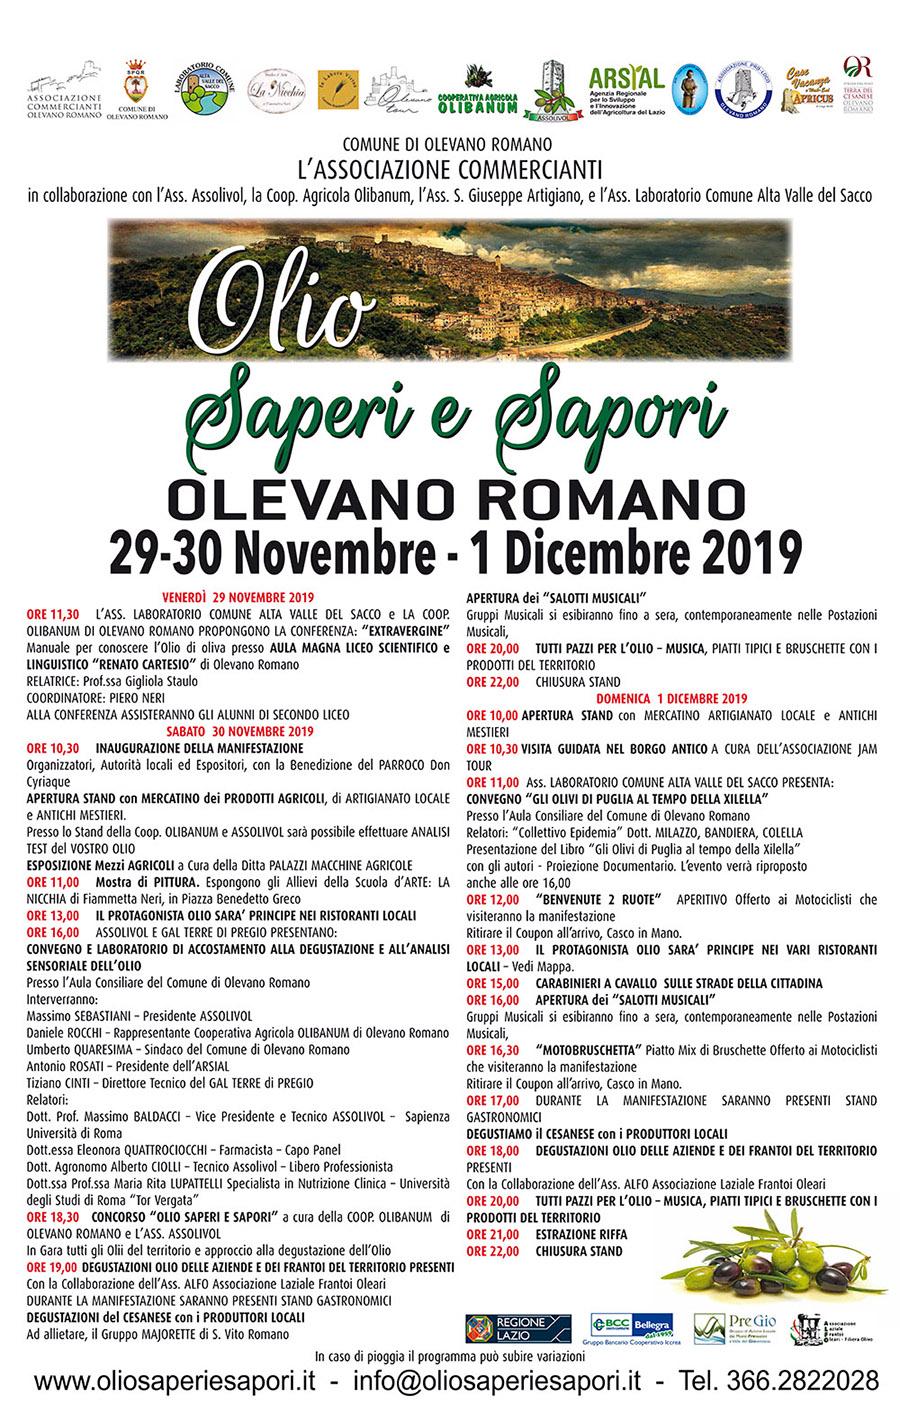 Olevano Romano, 1 dicembre 2019